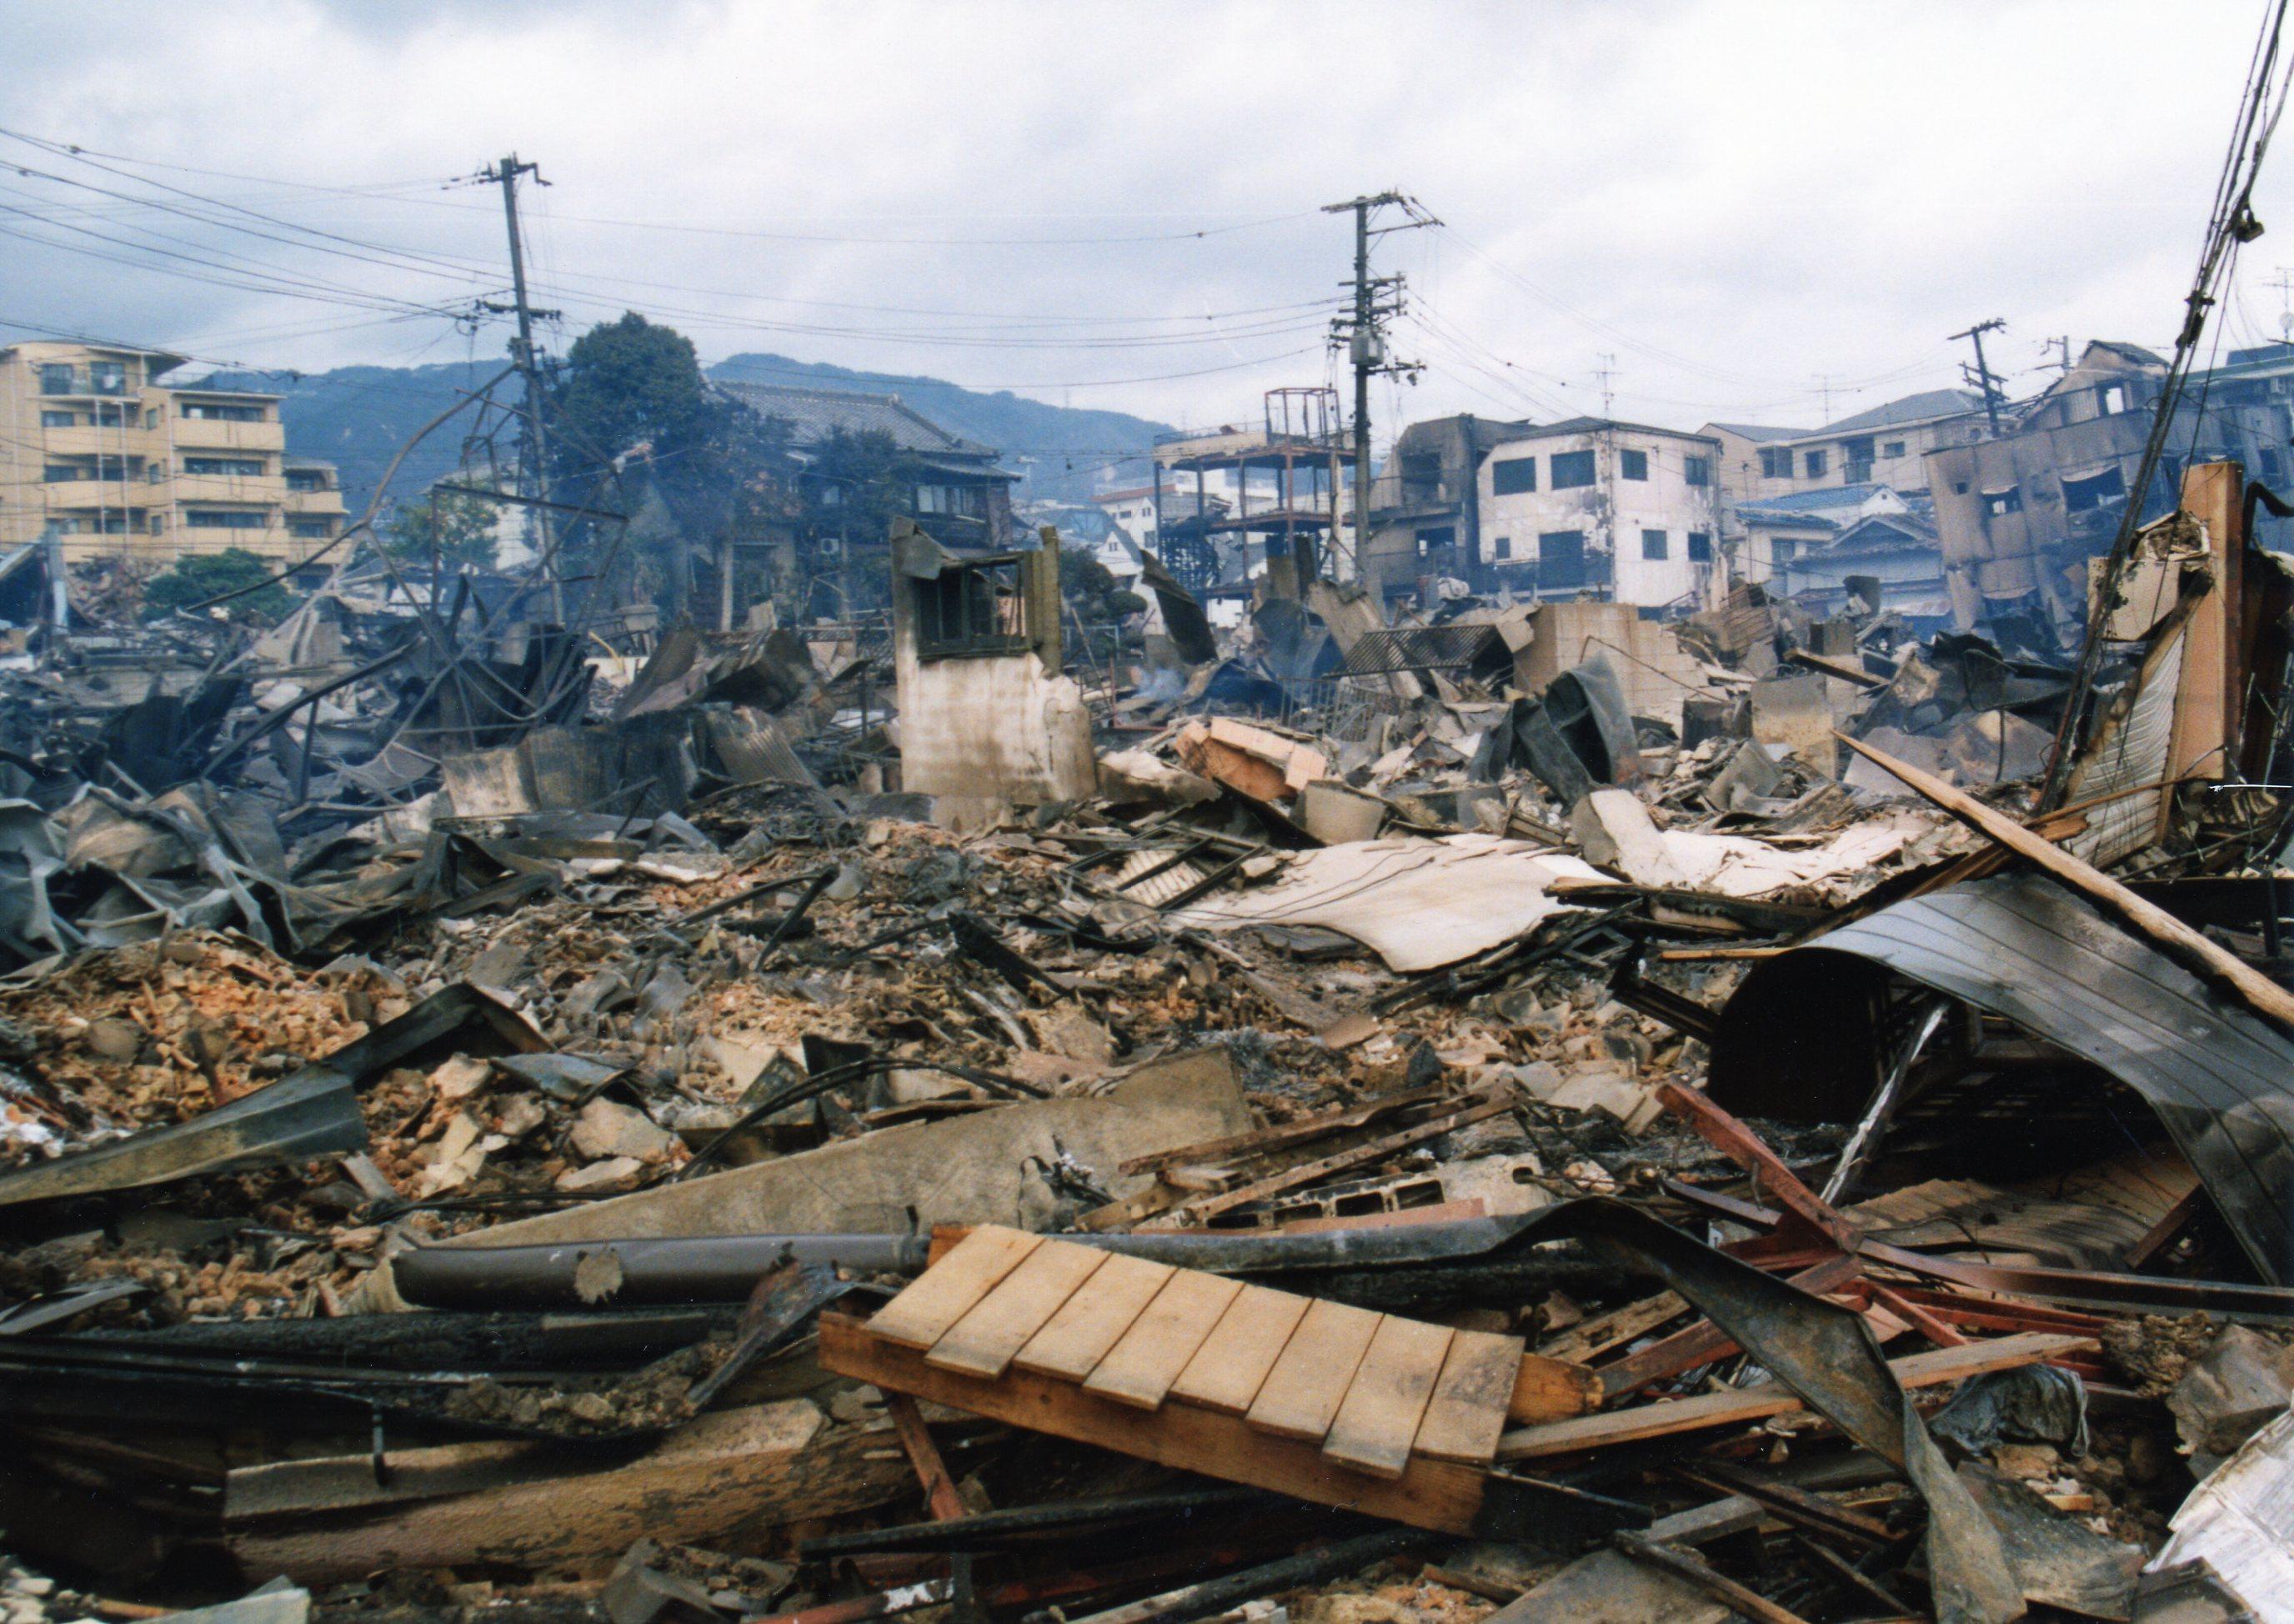 ライフラインの災害被害軽減と一日も早い復旧のために